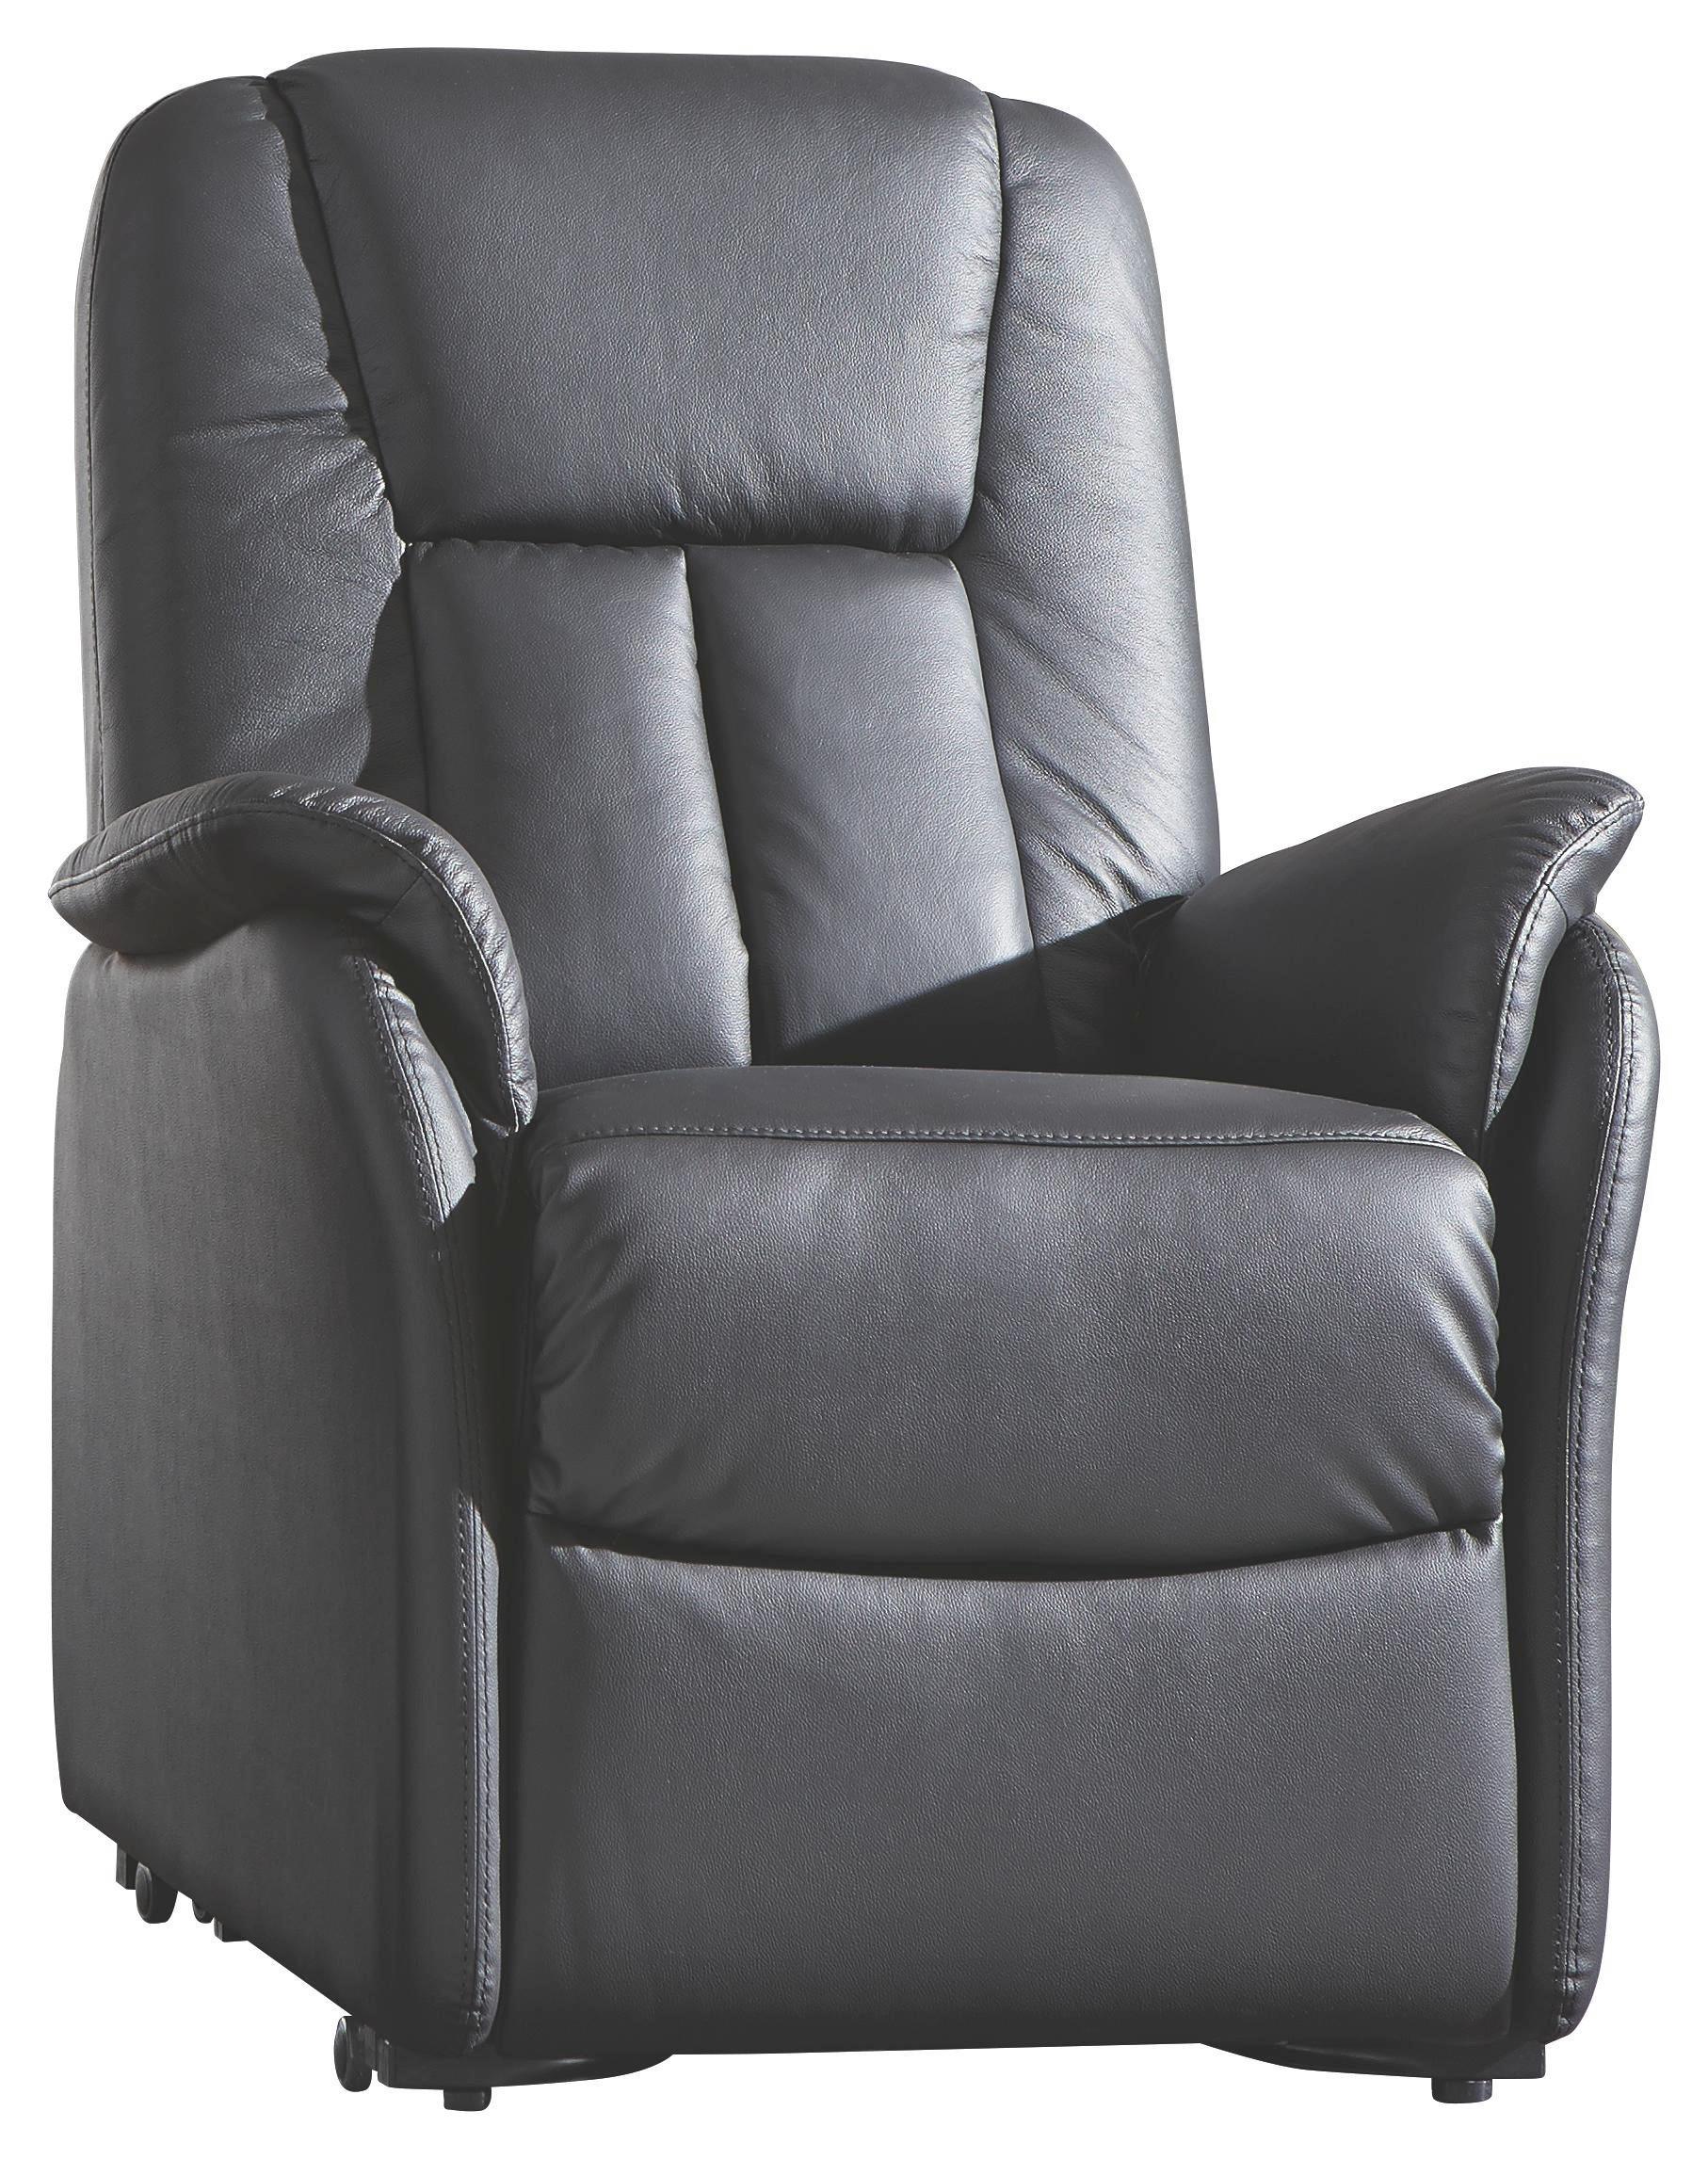 FERNSEHSESSEL In Schwarz Leder, Textil   Schwarz, KONVENTIONELL, Leder/Kunststoff  (87